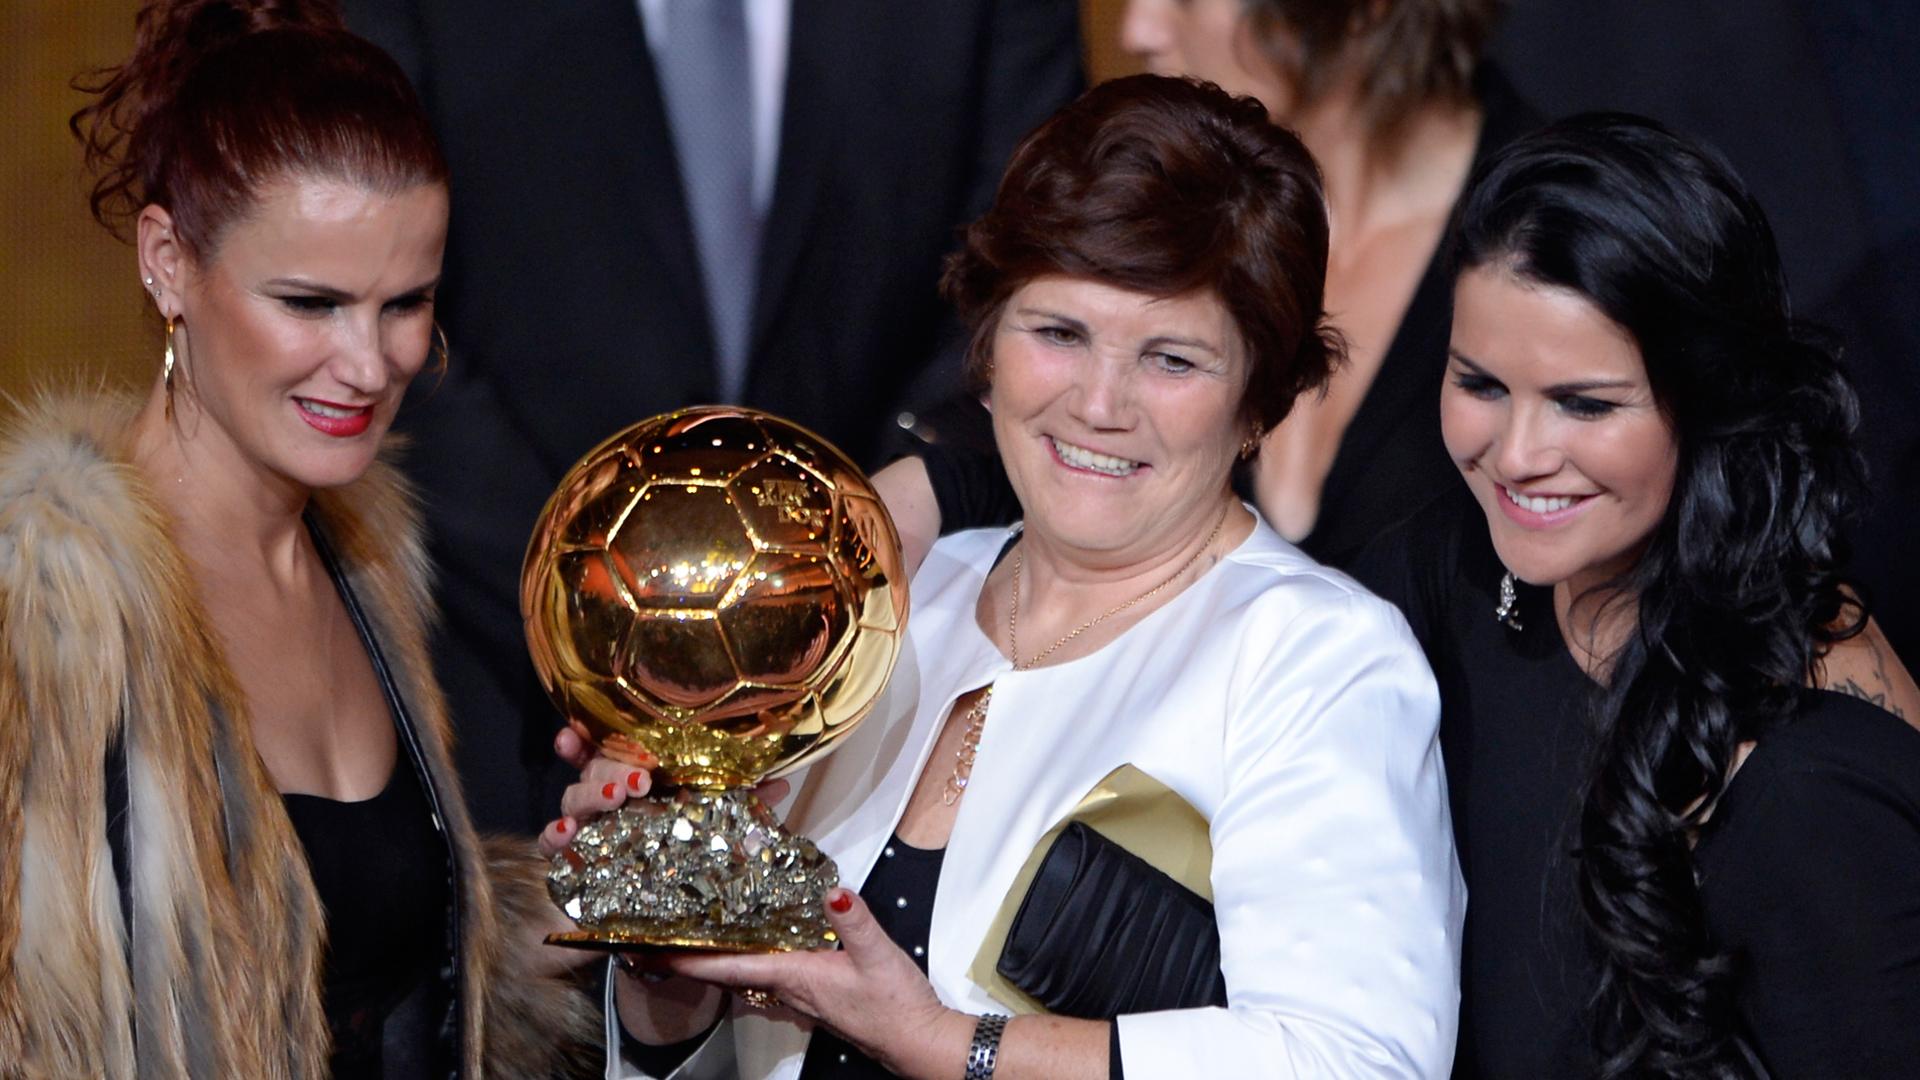 Dolores Aveiro - Cristiano Ronaldo's Mother